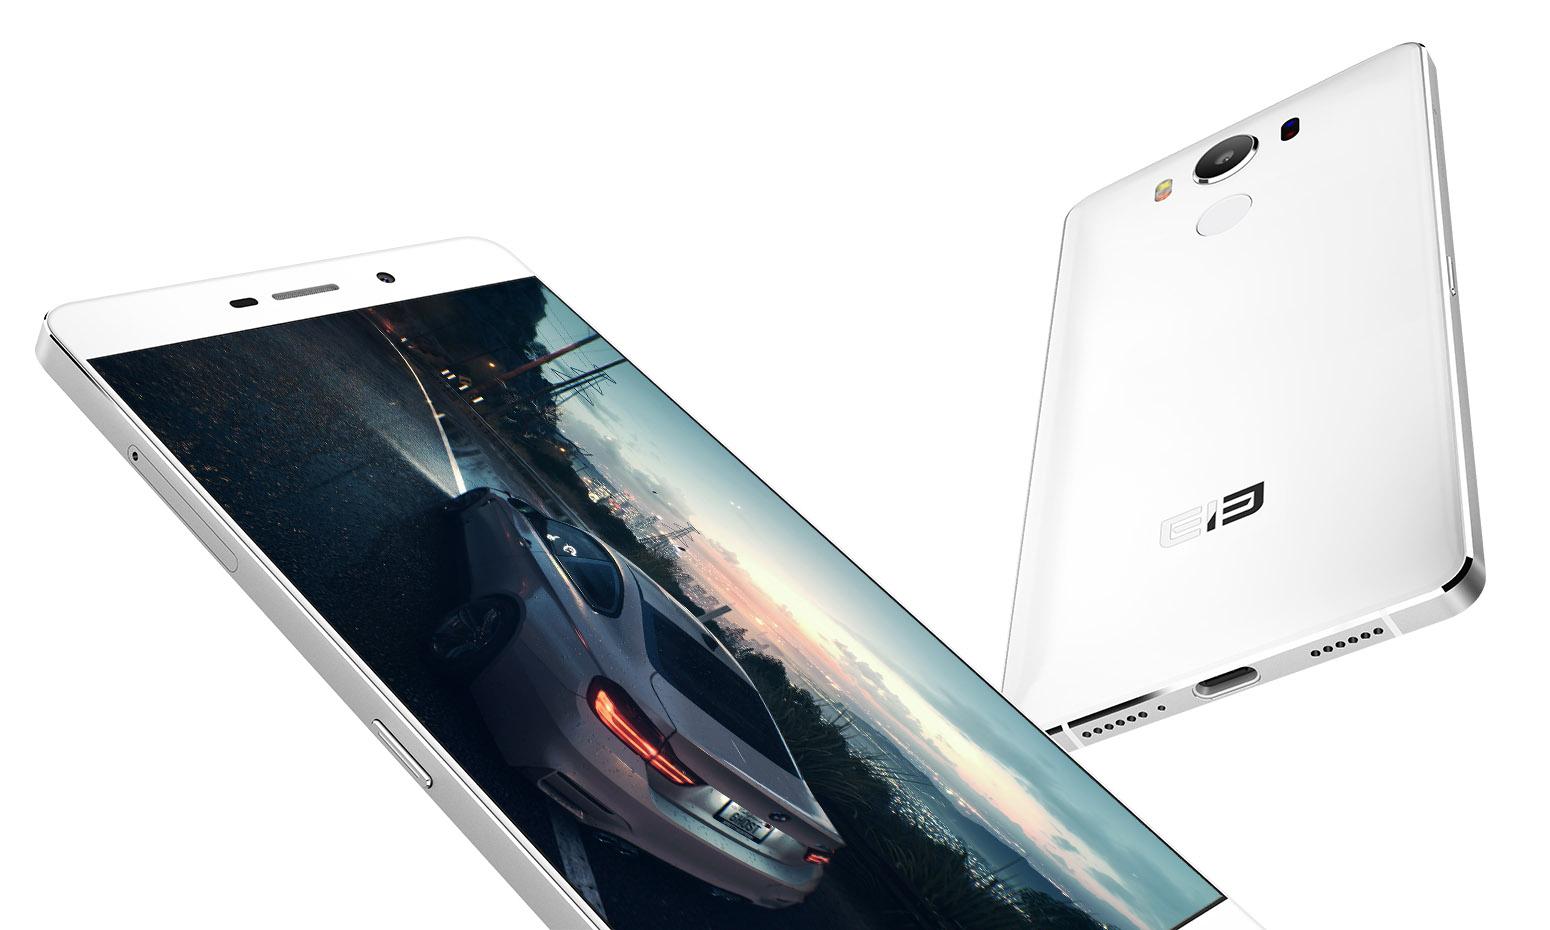 Az Elephone P9000 a TomTop német raktárából alapjáraton 211.49€-ért  vásárolható meg dbeb8ec530